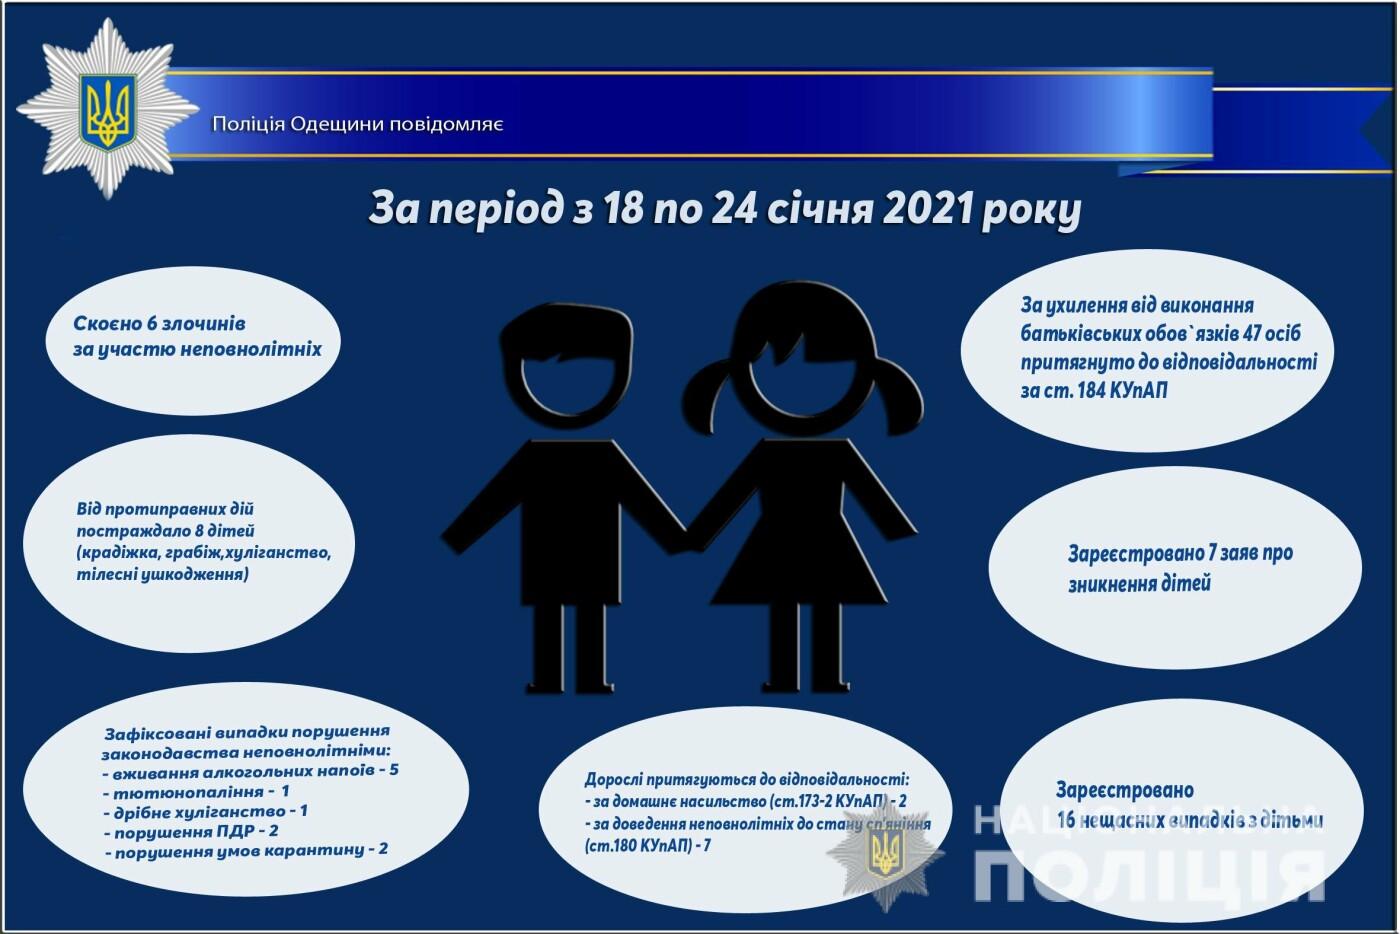 За последнюю неделю в Одесской области привлекли к ответственности 47 родителей, фото-1